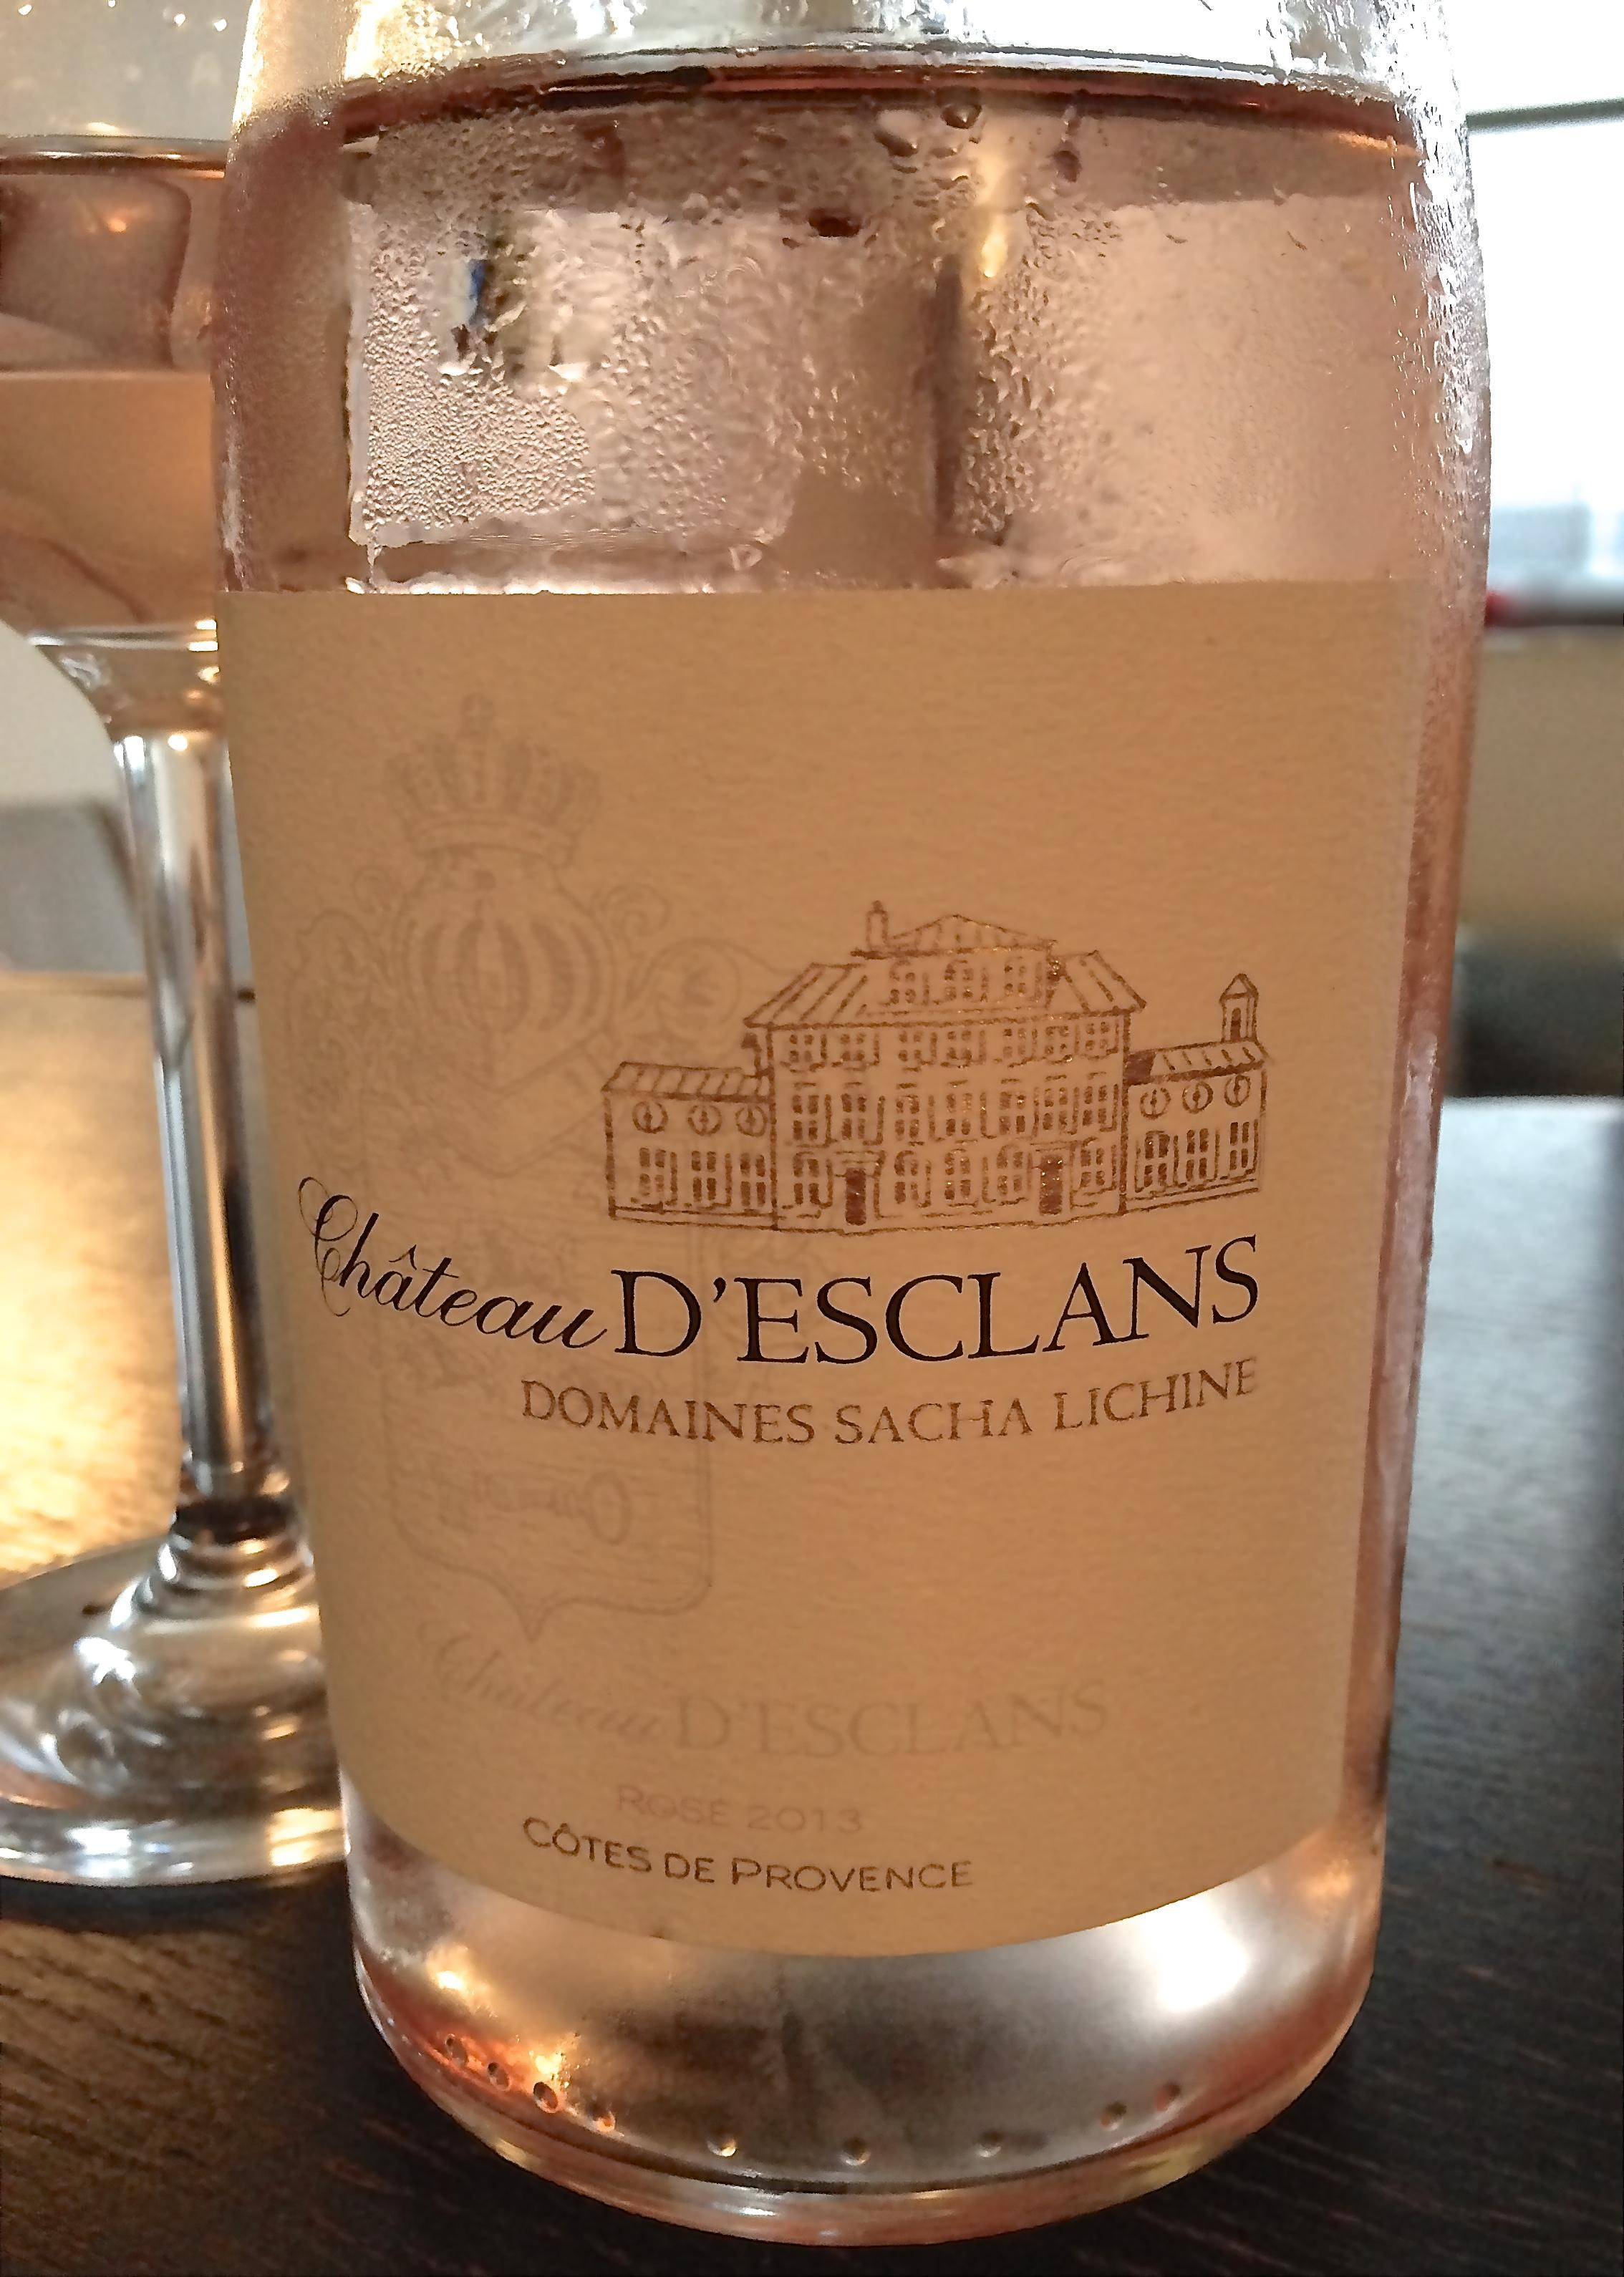 Chateau d'Esclans Rosé, Domaines Sacha Lichine 2